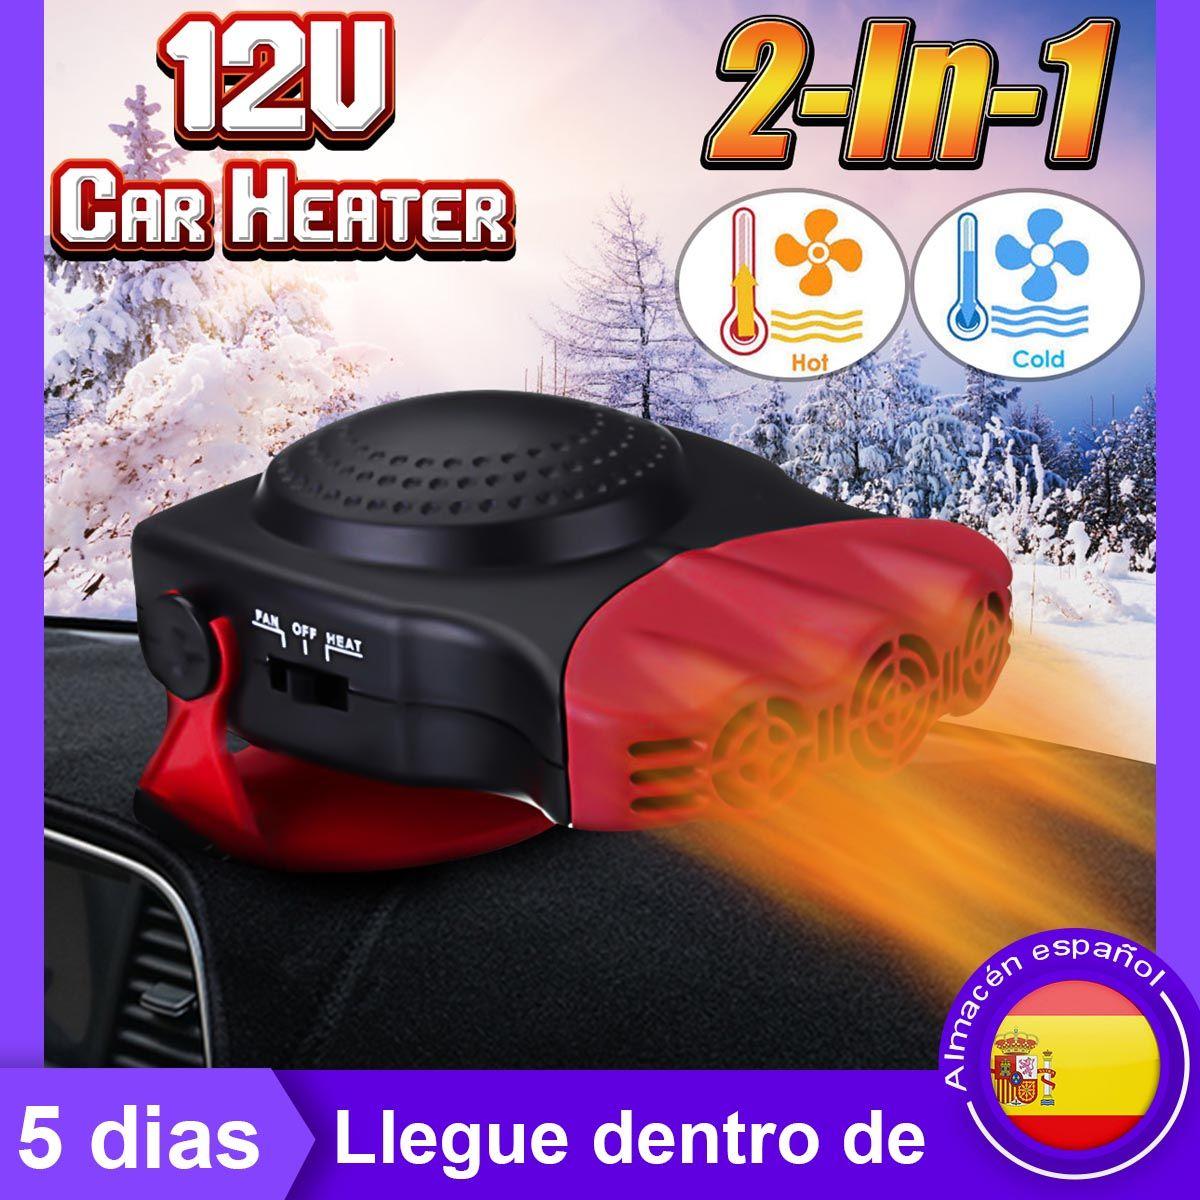 150 W DC 12 V Chauffage et De Refroidissement 2 dans 1 radiateur auto Chauffage Hot Cool ventilateur pour voiture Pare-Brise Fenêtre Antibuée Dégivreur